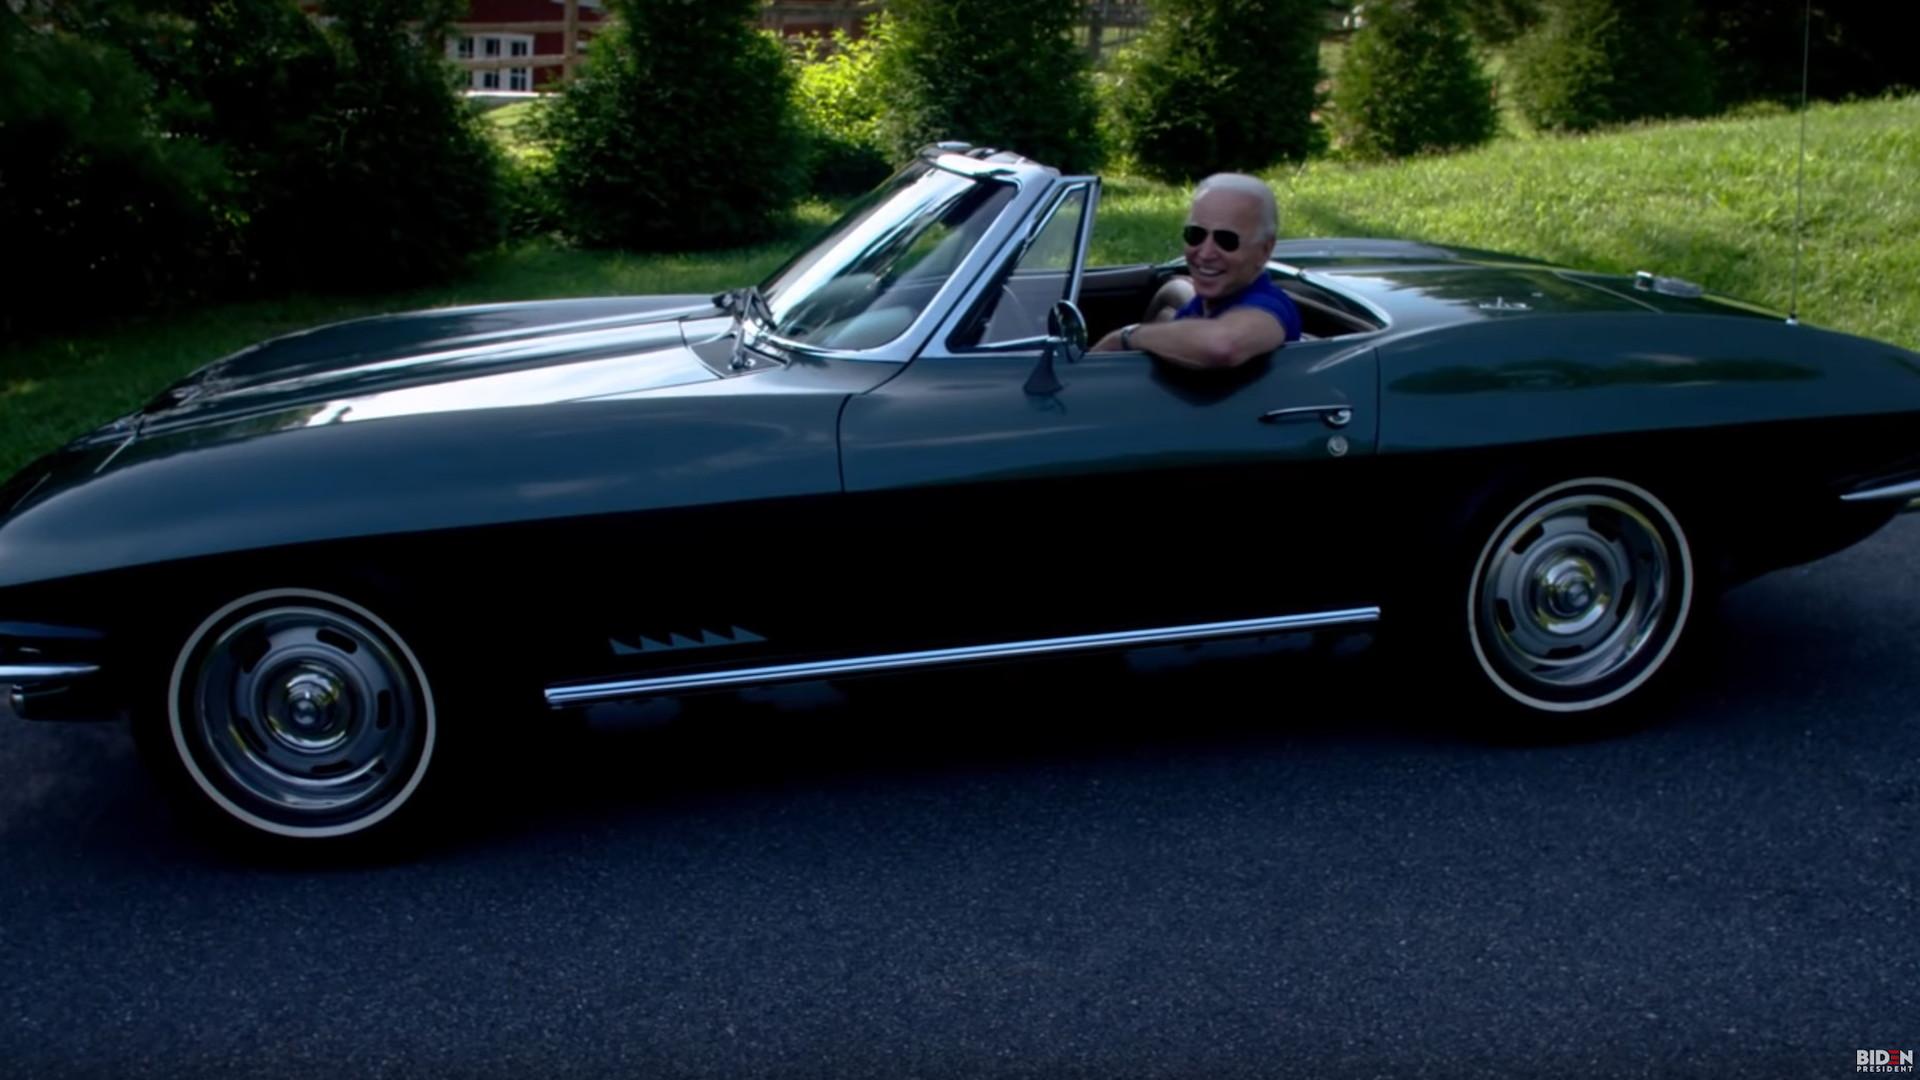 Joe Biden in a C2 Corvette in campaign video